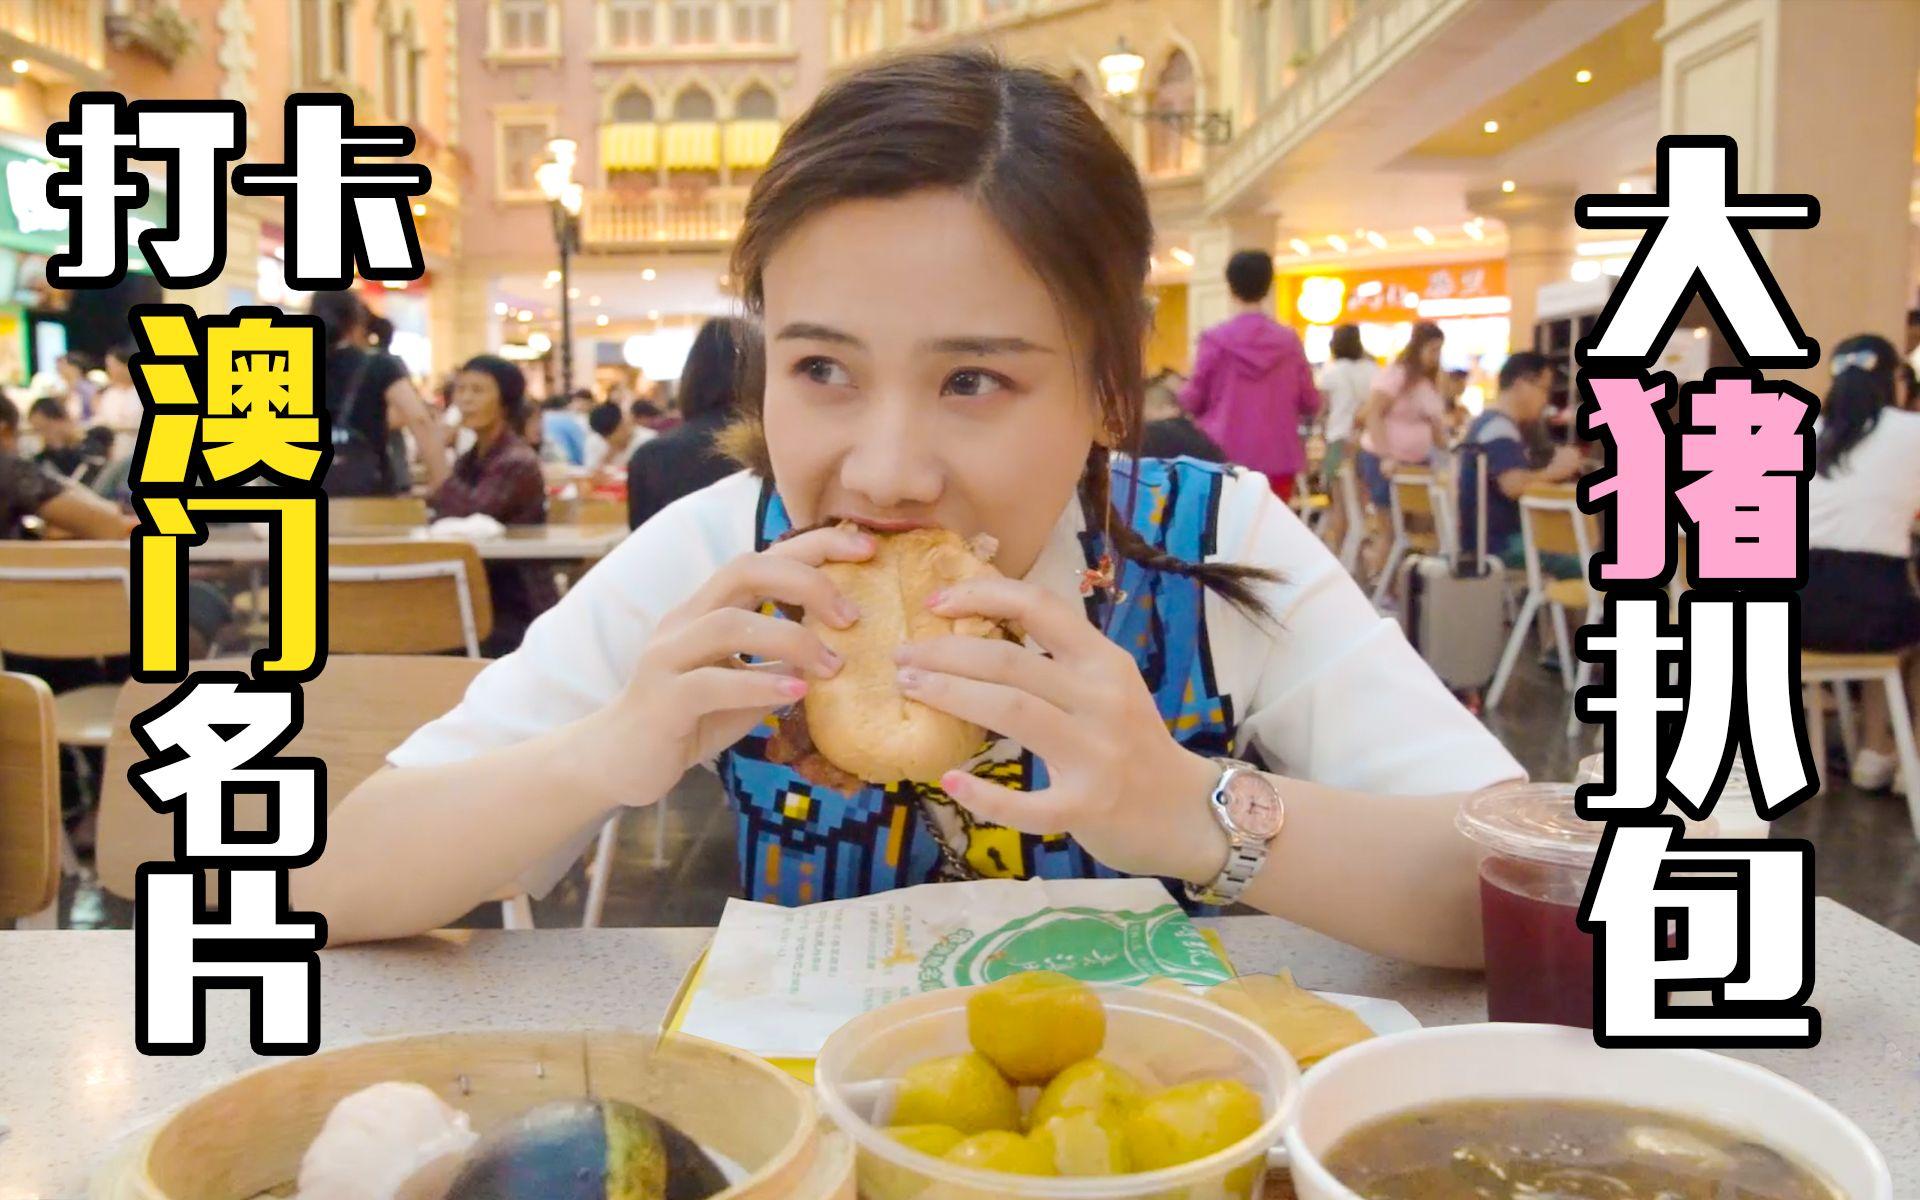 蛋挞因为好吃可以卖到百元人民币   澳门密食